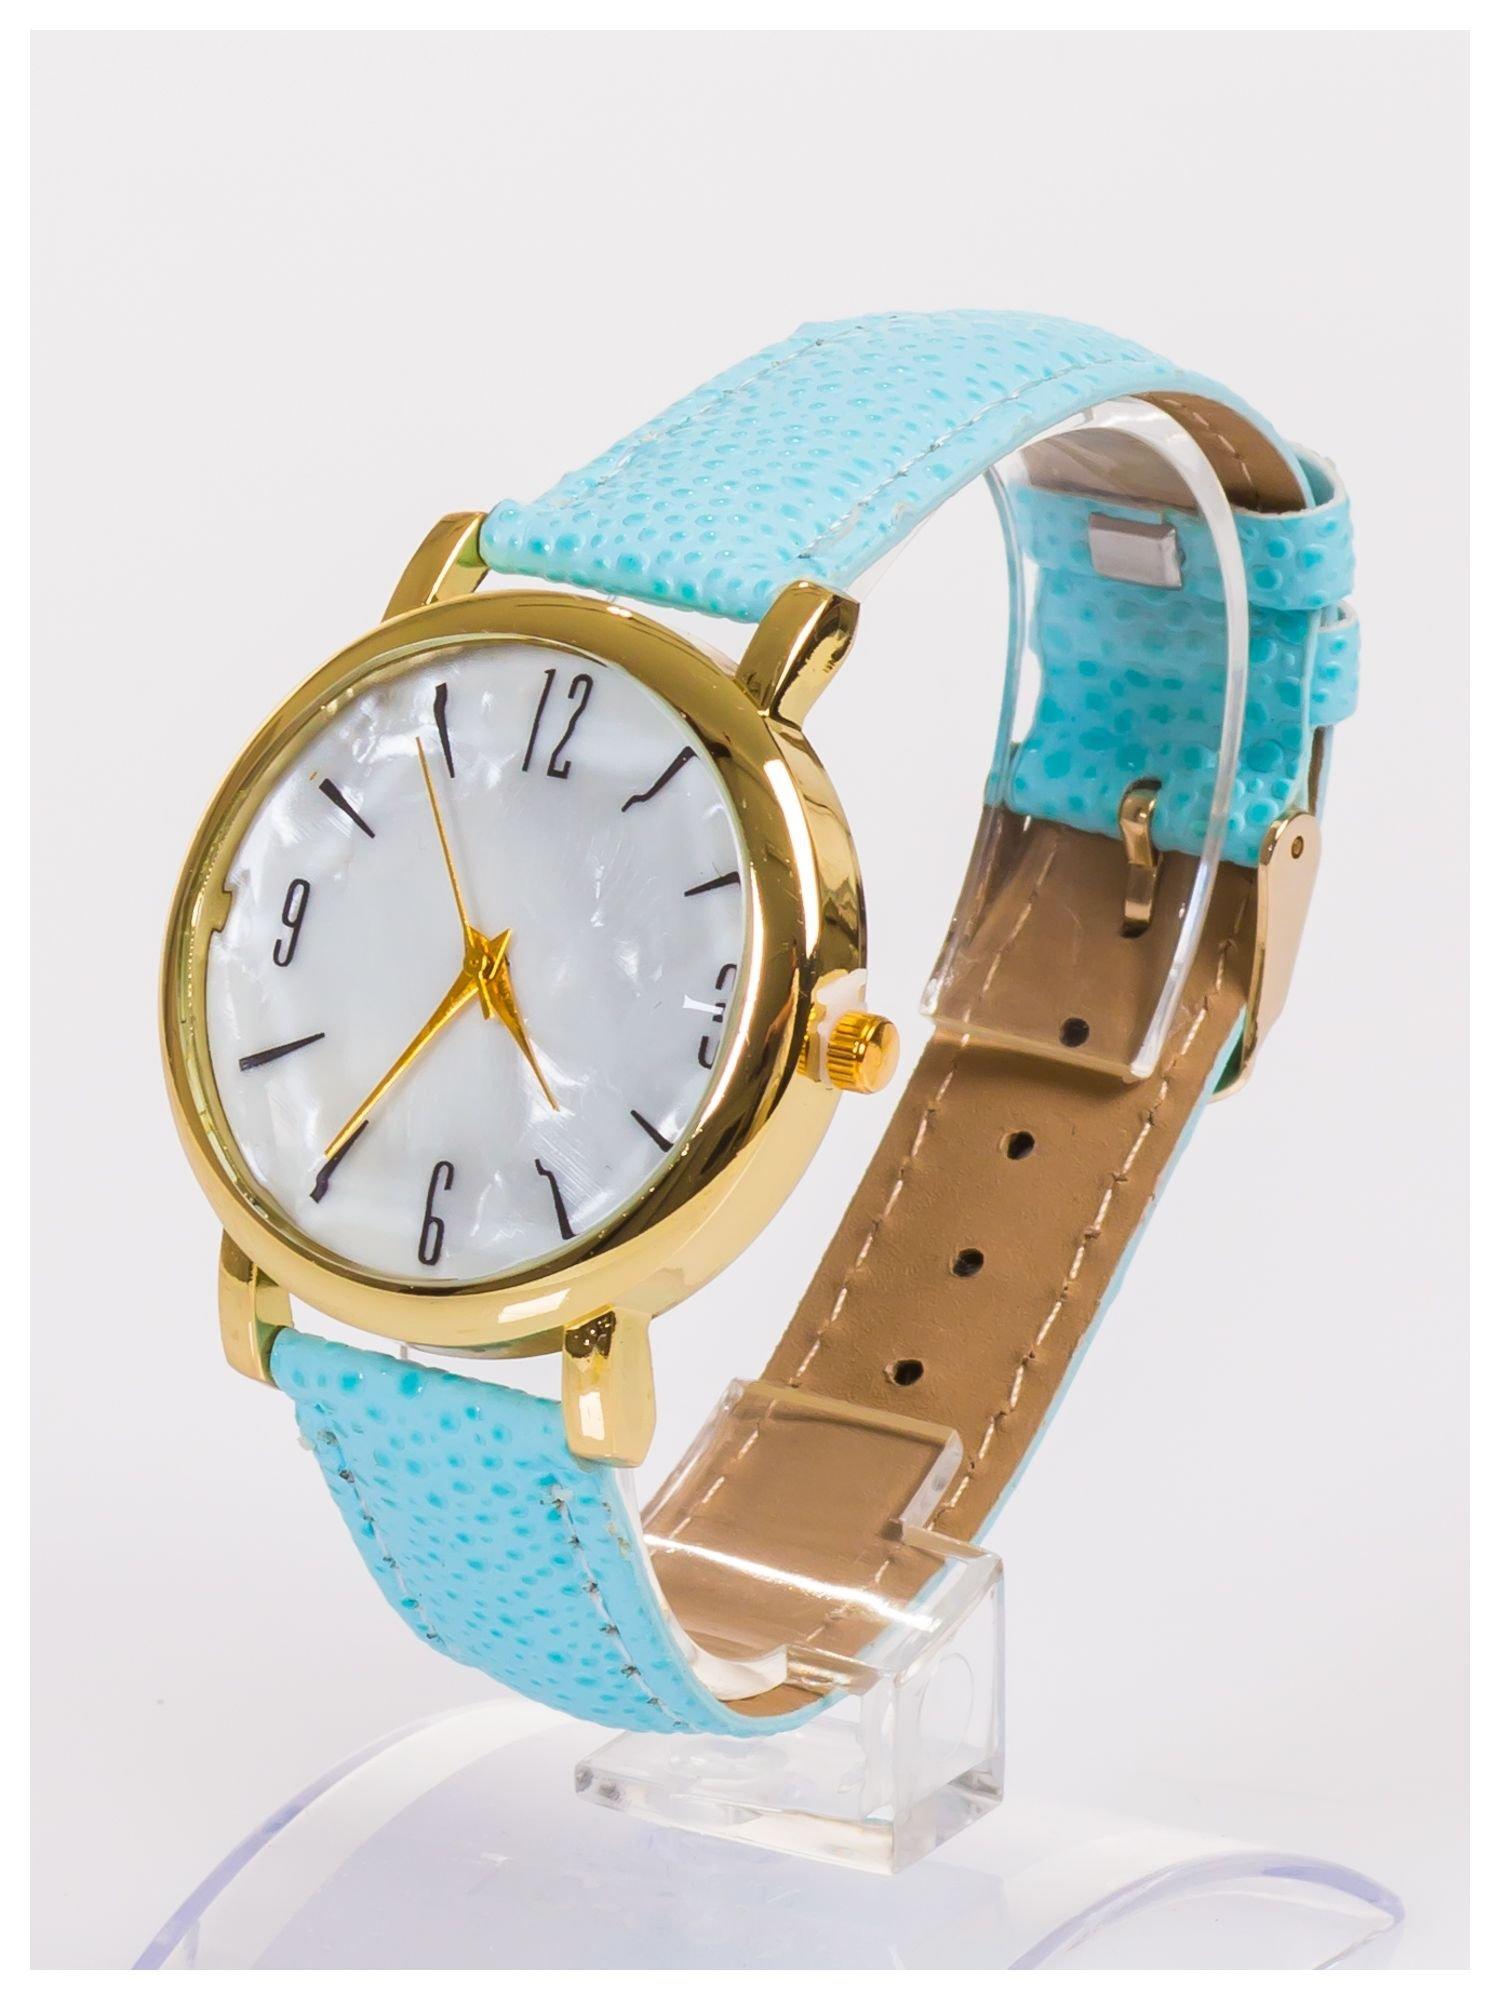 Damski zegarek z dużą i wyraźną perłową tarczą                                  zdj.                                  2